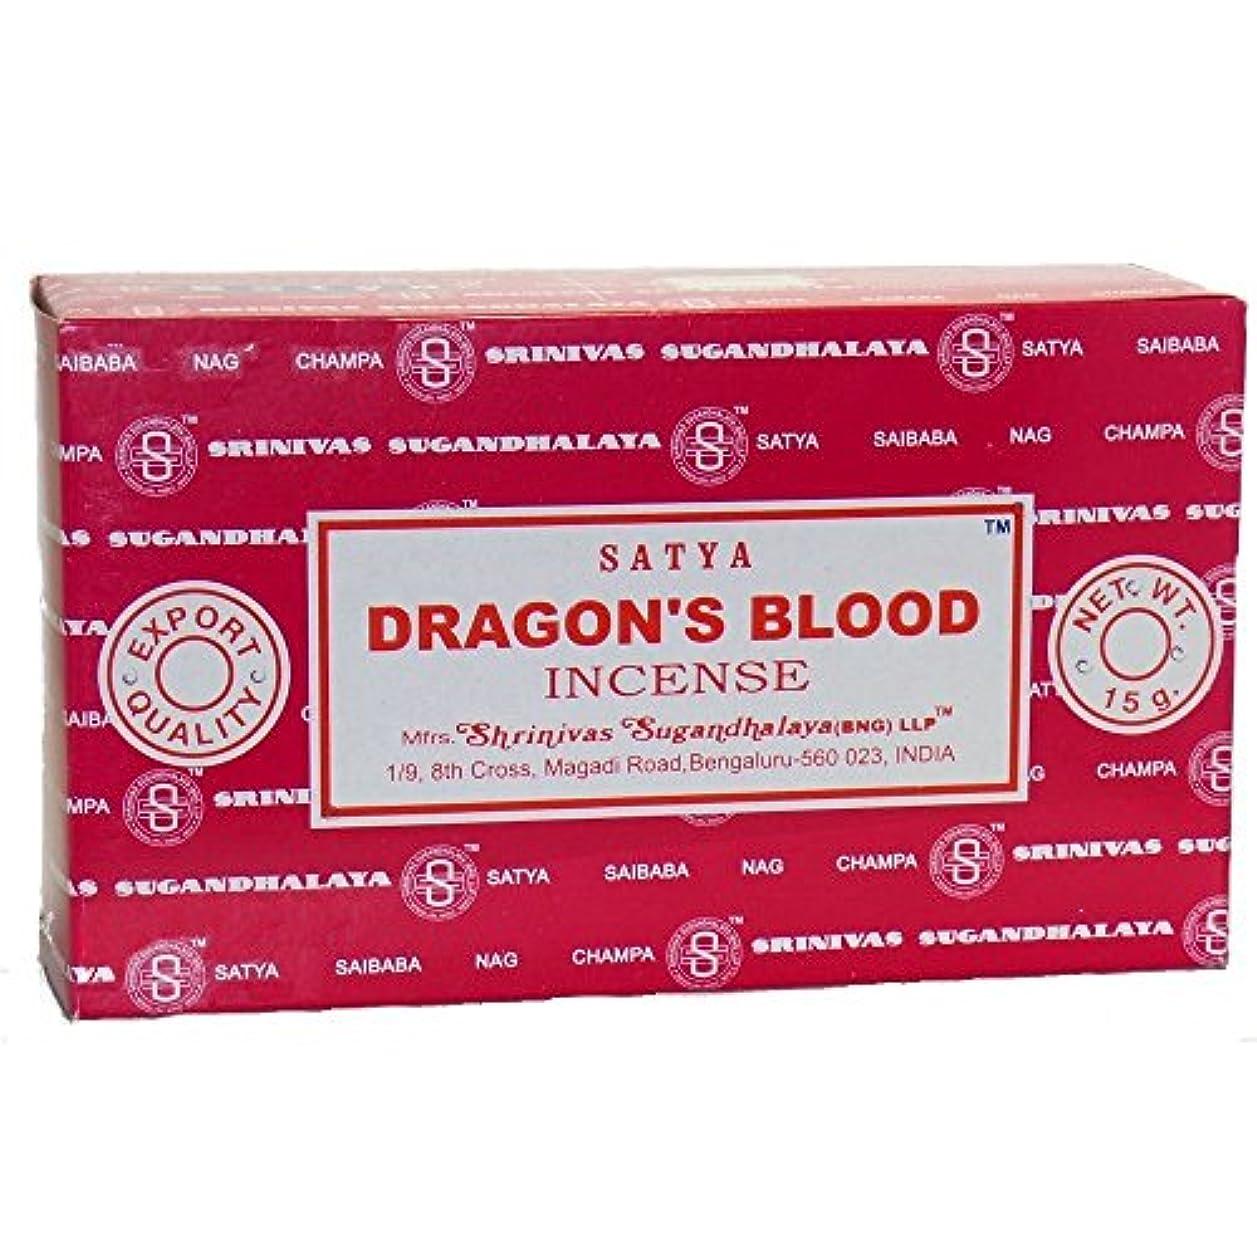 ブラスト司教天皇Buycrafty Satya Champa Dragon's Blood Incense Stick,180 Grams Box (15g x 12 Boxes)